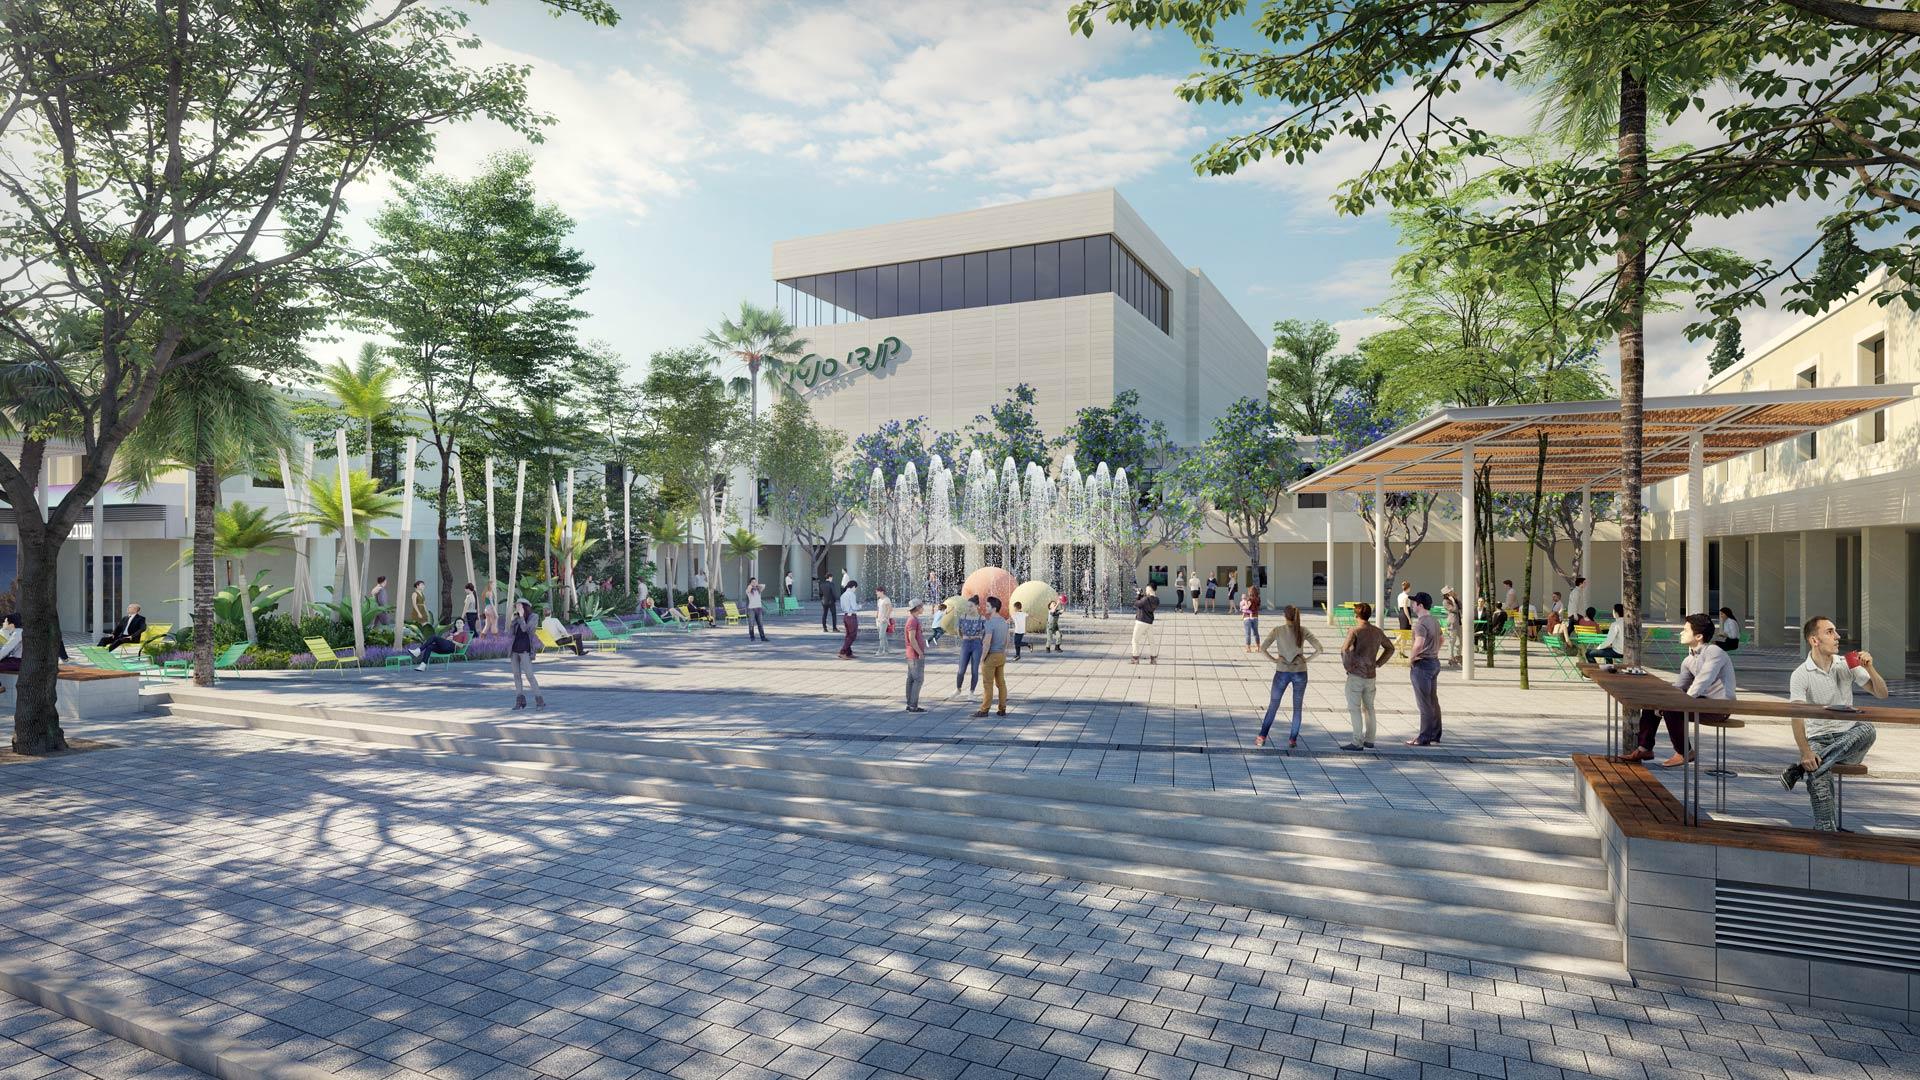 הדמיה אדריכלית לפרויקט עבור עיריית יבנה